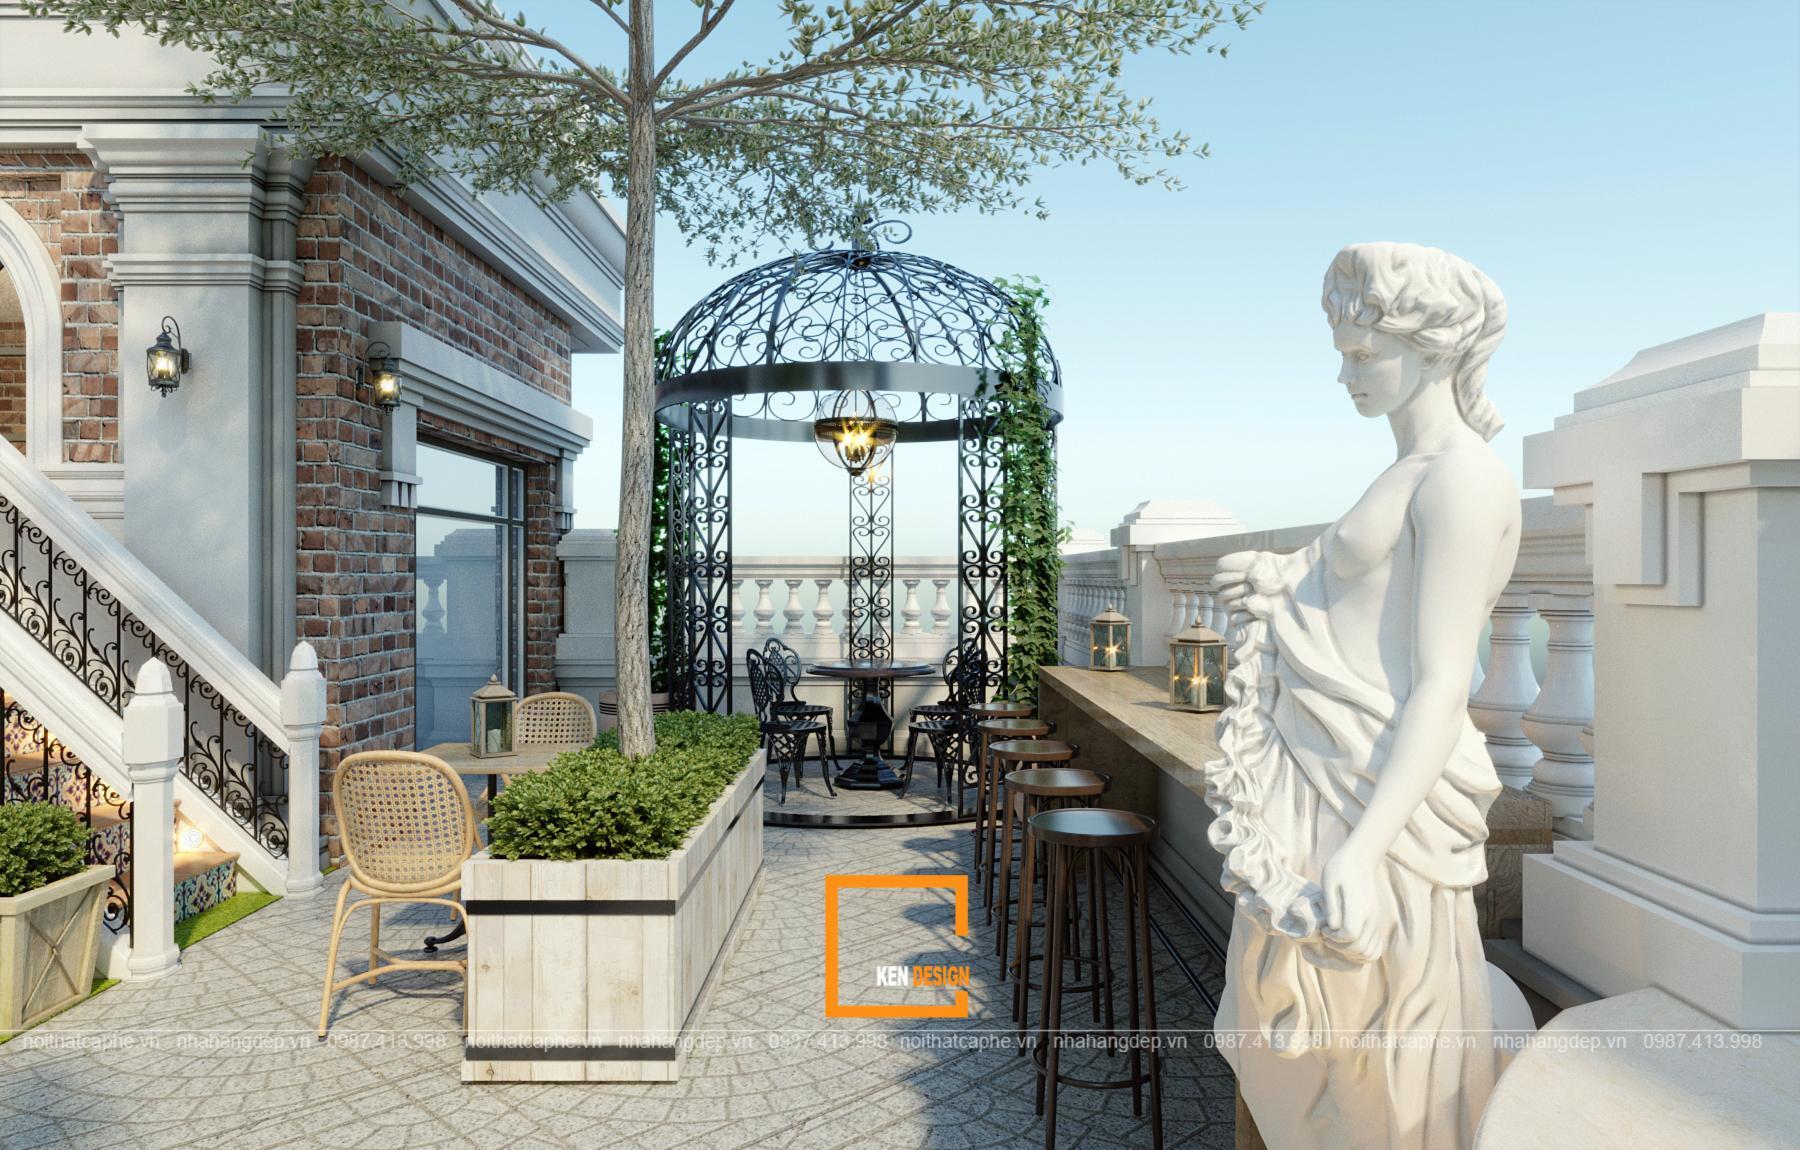 Quán cafe phong cách Châu Âu tại Thanh Hóa